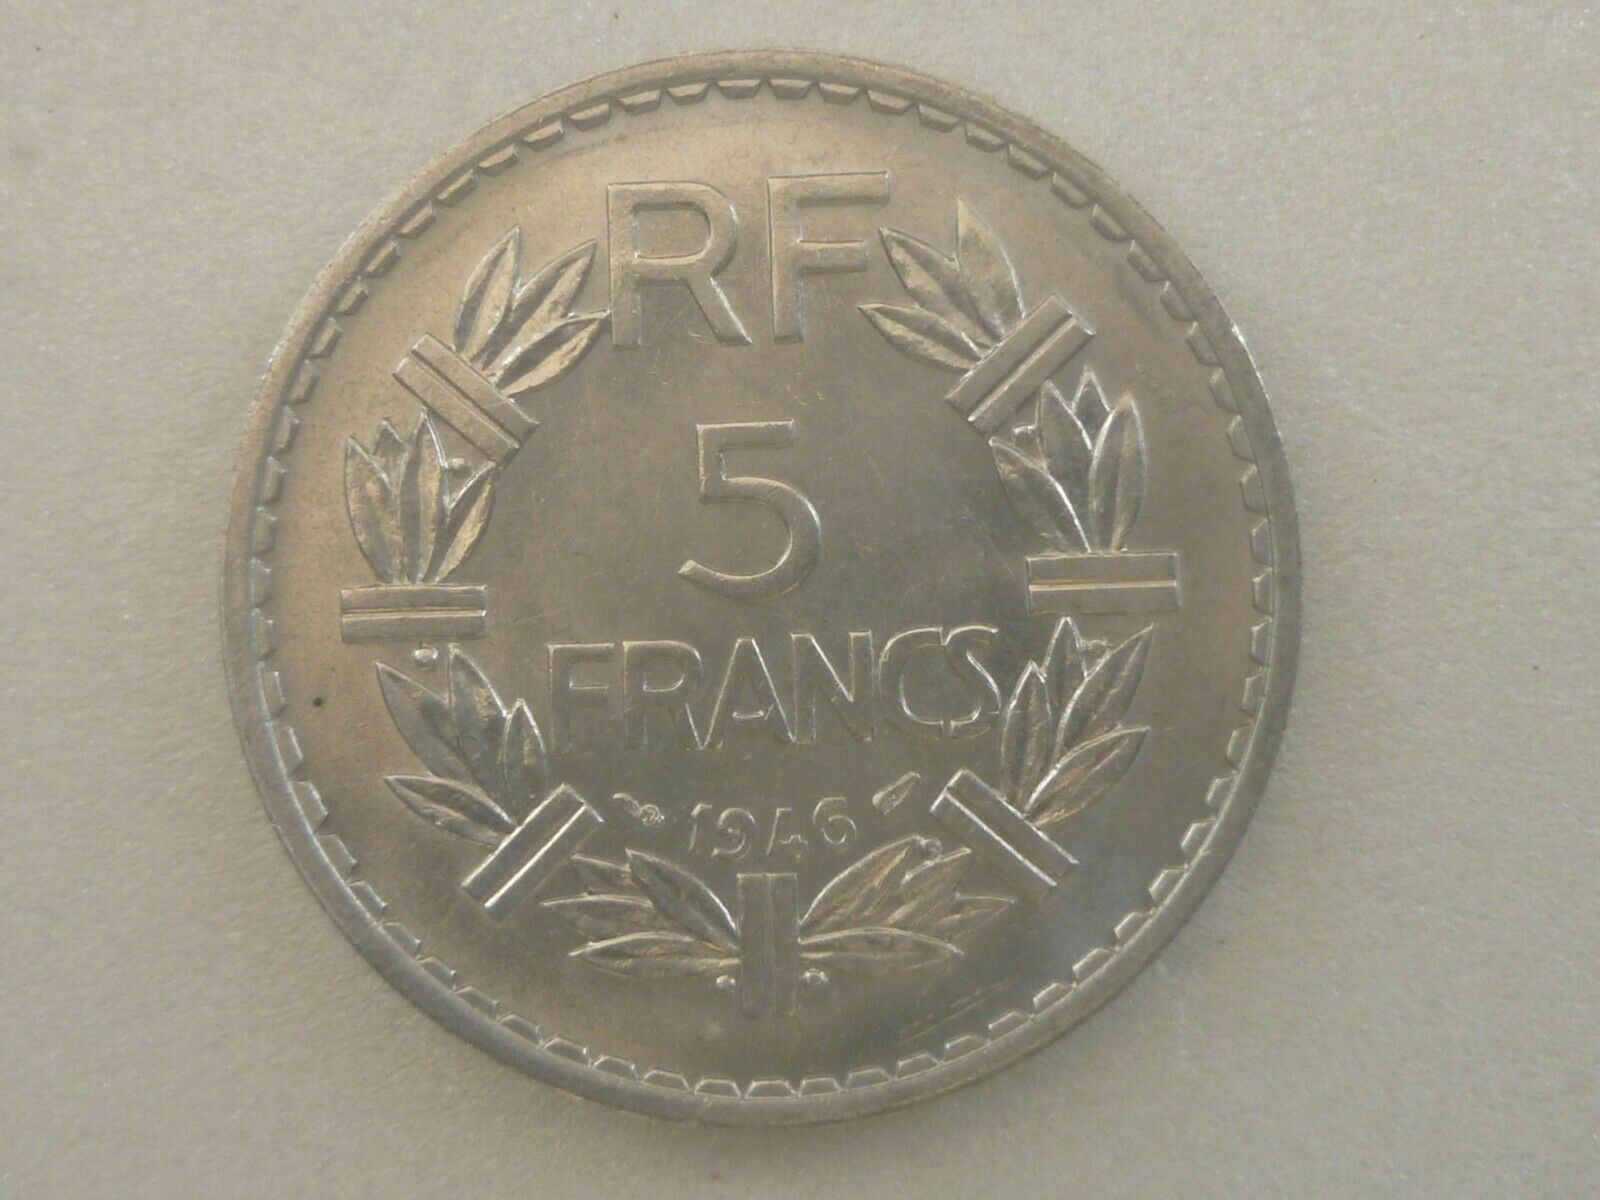 FRANCE : 5 FRANCS -1946 - ALUMINIUM-SPL/FDC XF/UNC